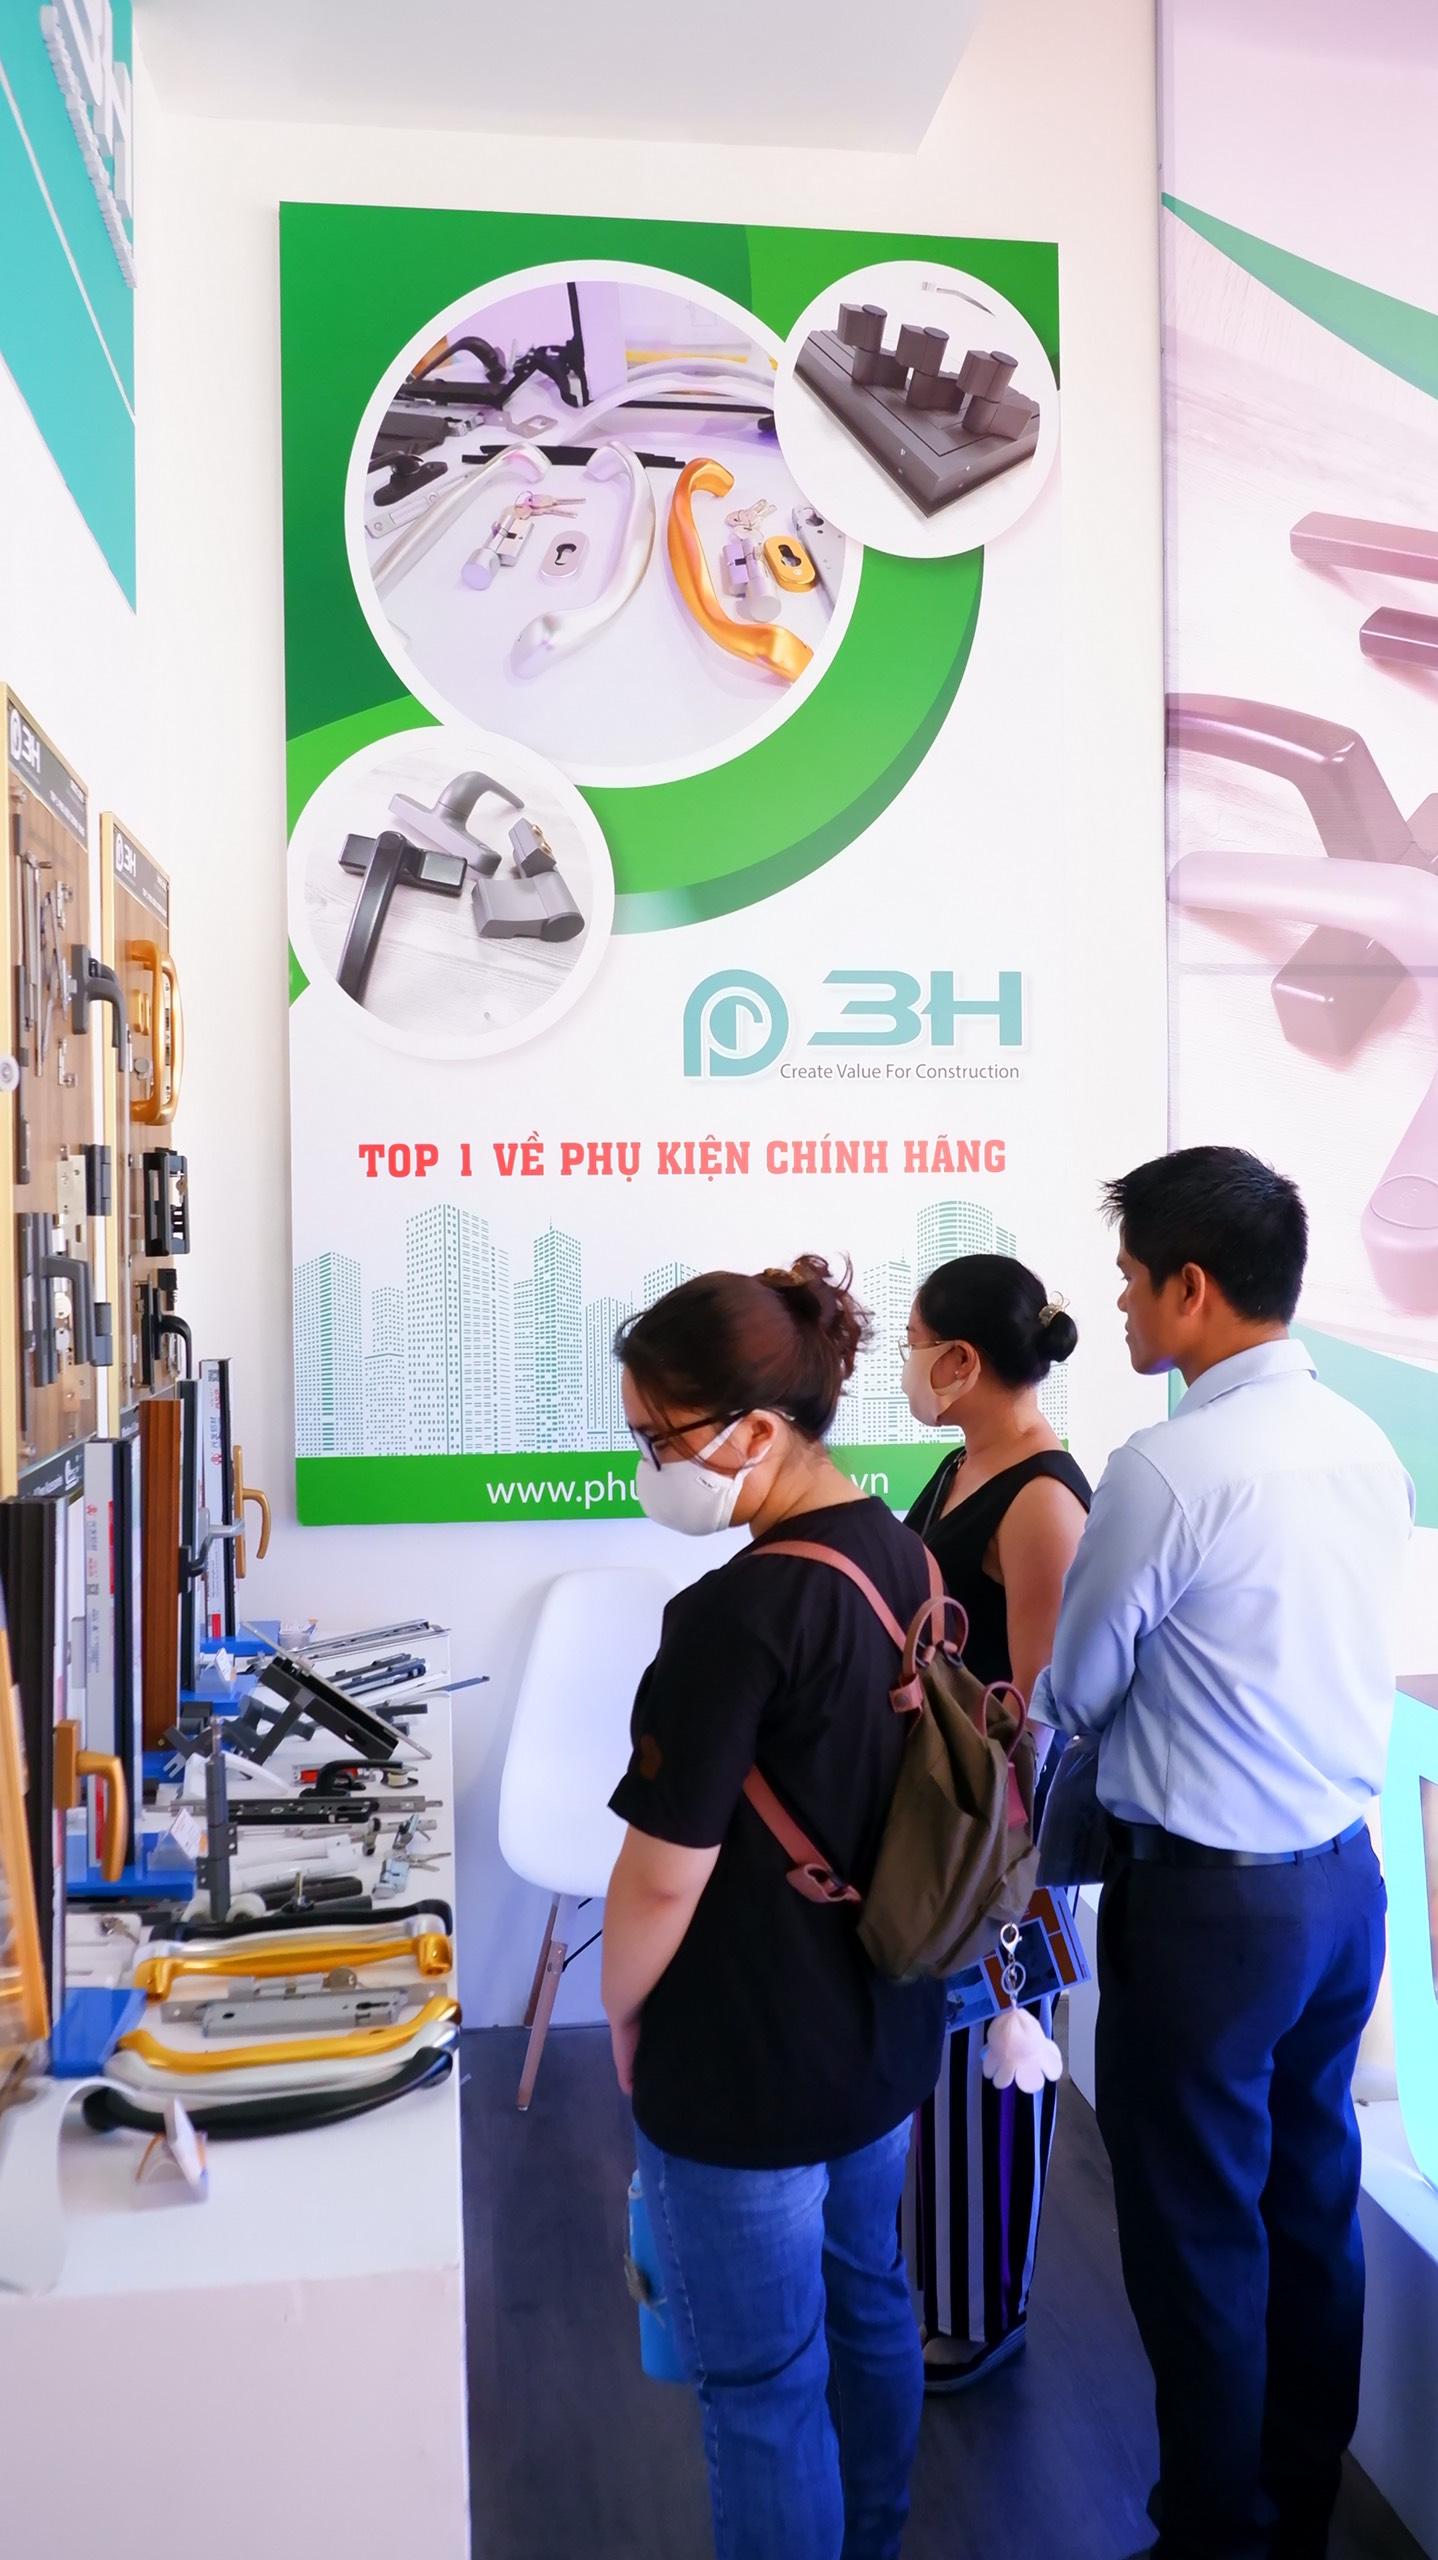 sự kiện Vietbuild Hồ Chí Minh 2021 lần 1